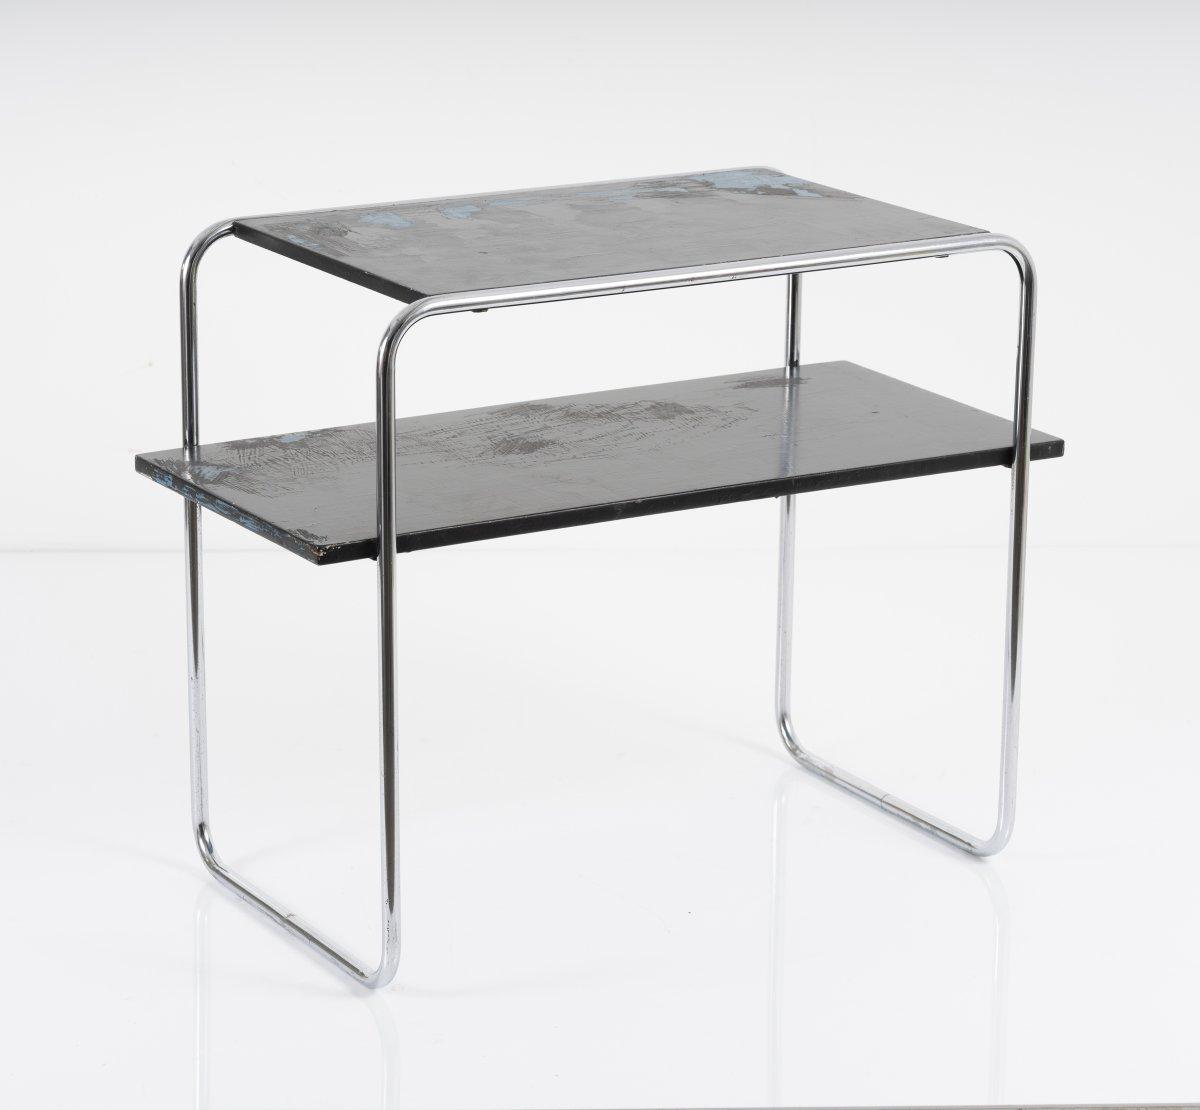 Los 37 - Marcel Breuer, Ablegetisch 'B 12', um 1927Ablegetisch 'B 12', um 1927H. 60,5 x 76 x 38,5 cm; Ø 1,6